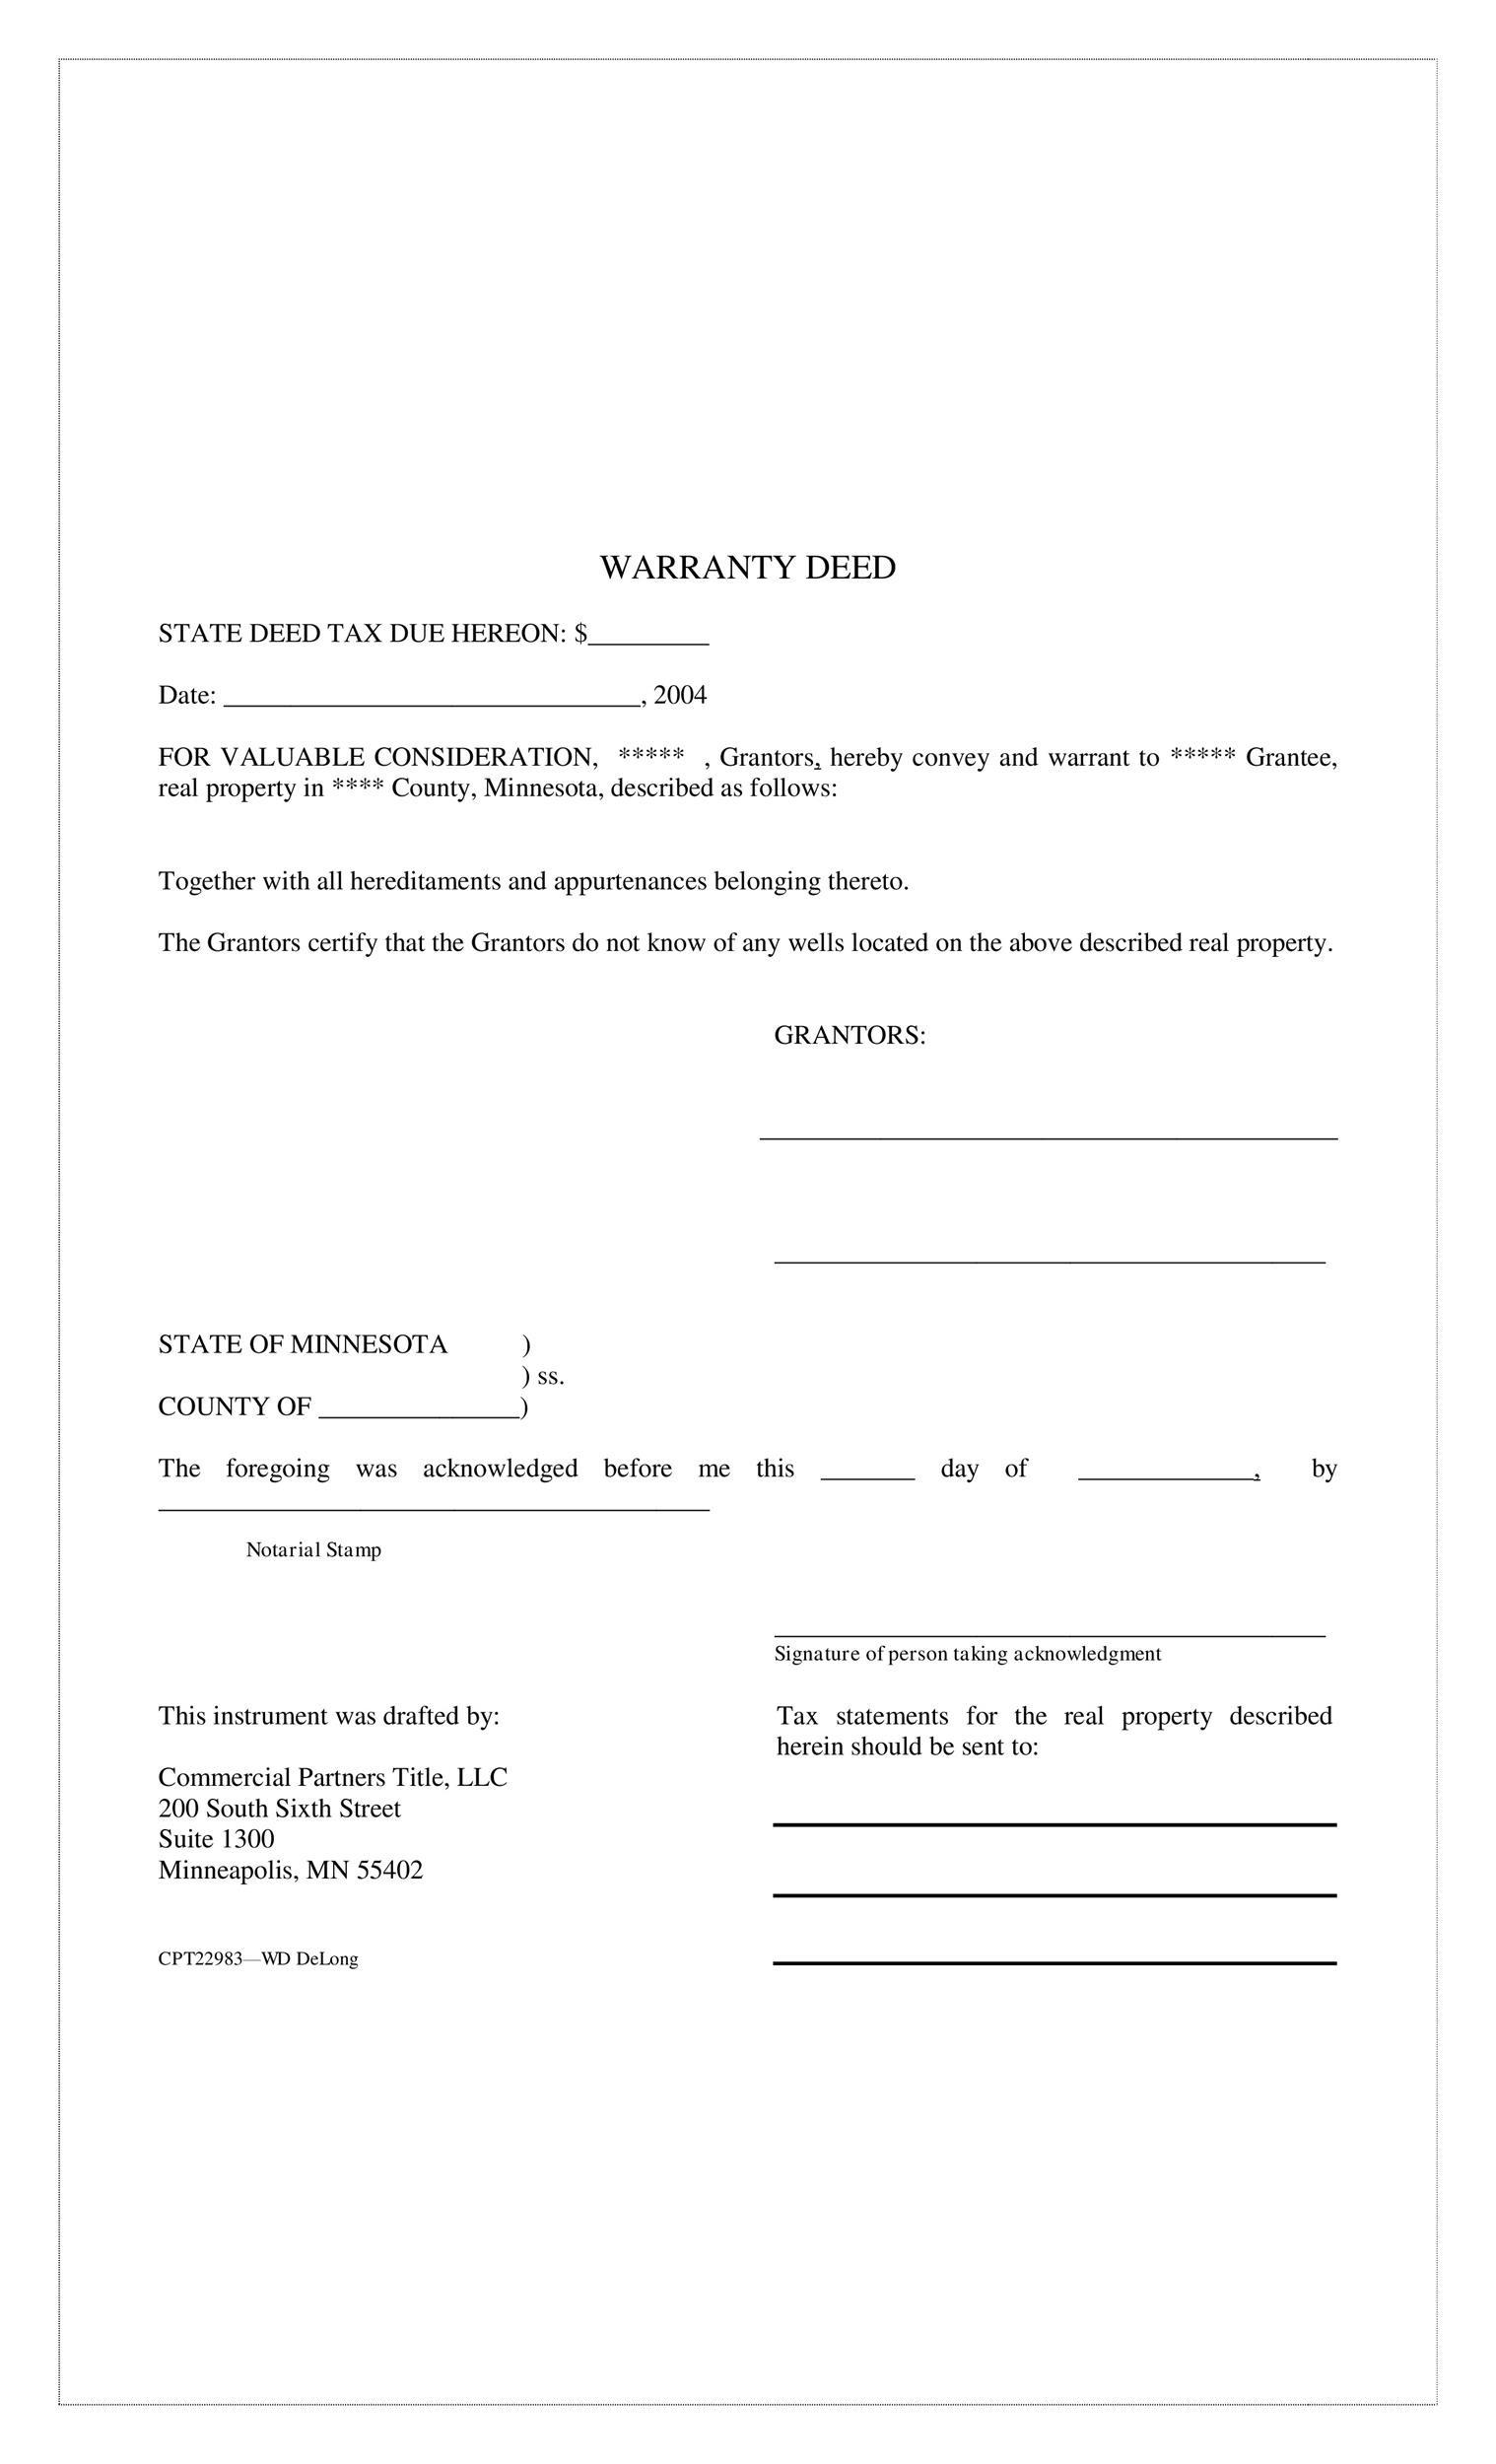 Free Warranty deed template 27